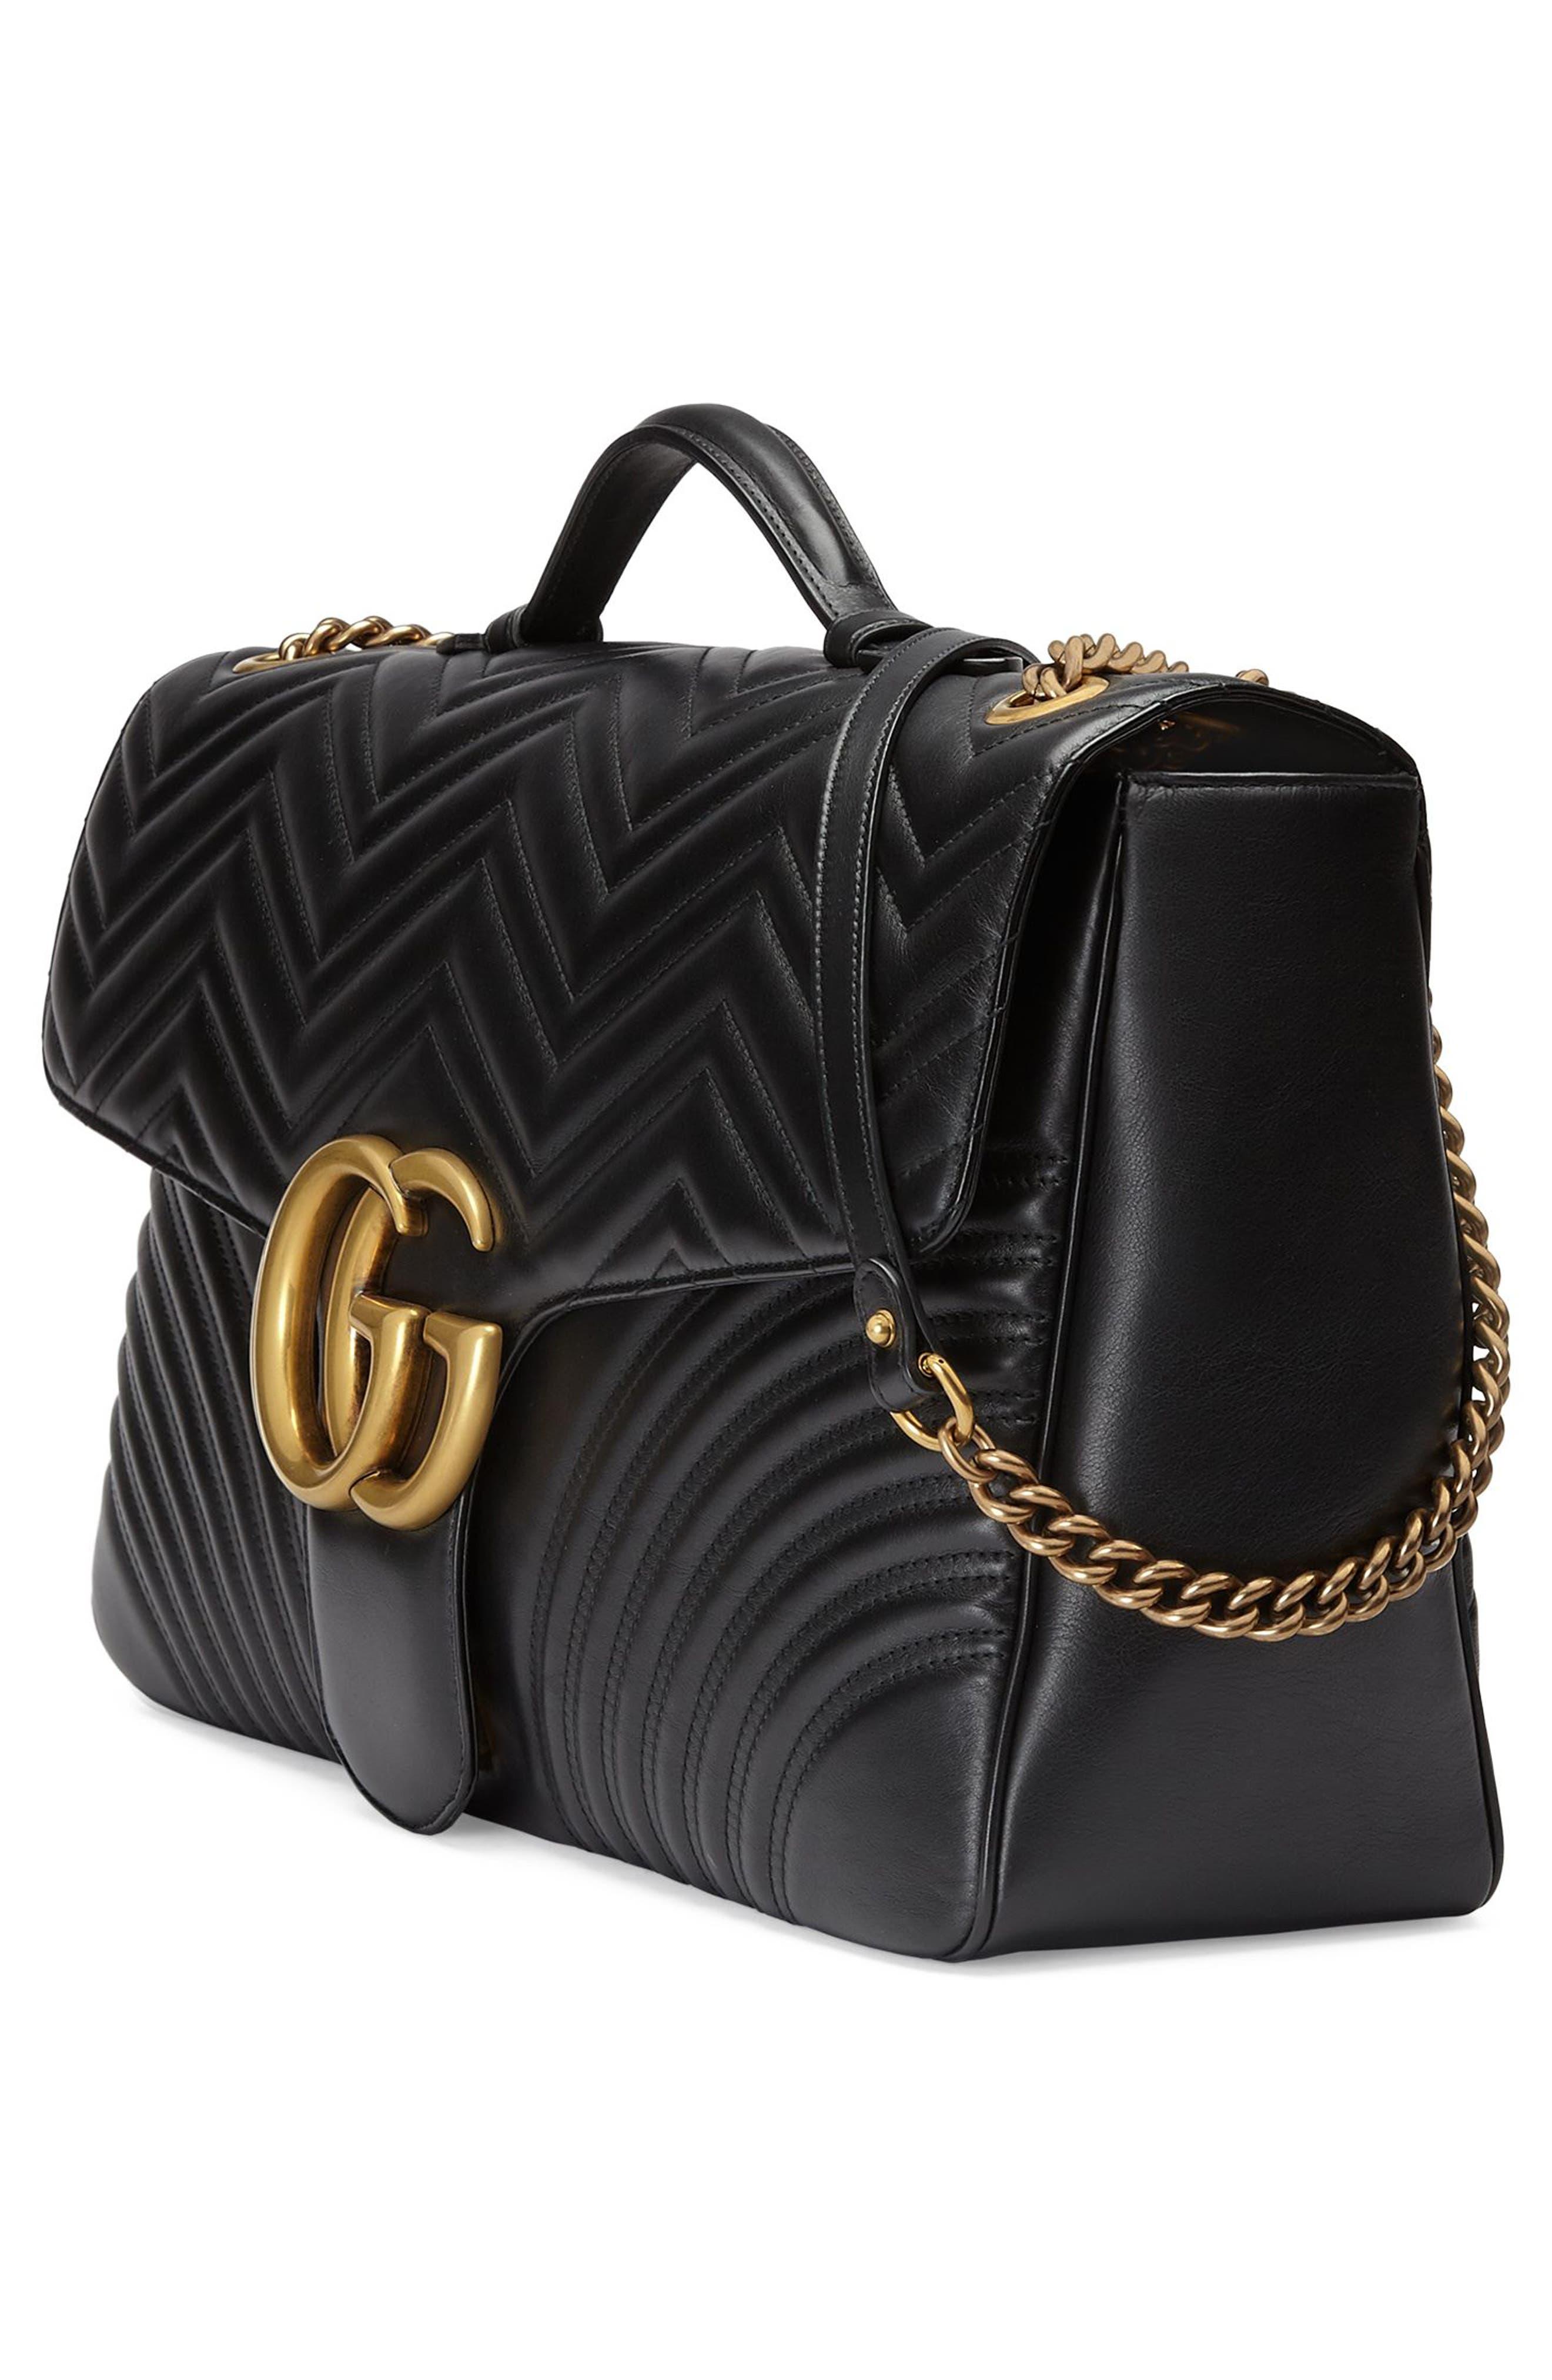 GG Marmont Maxi Matelassé Top Handle Shoulder Bag,                             Alternate thumbnail 3, color,                             001